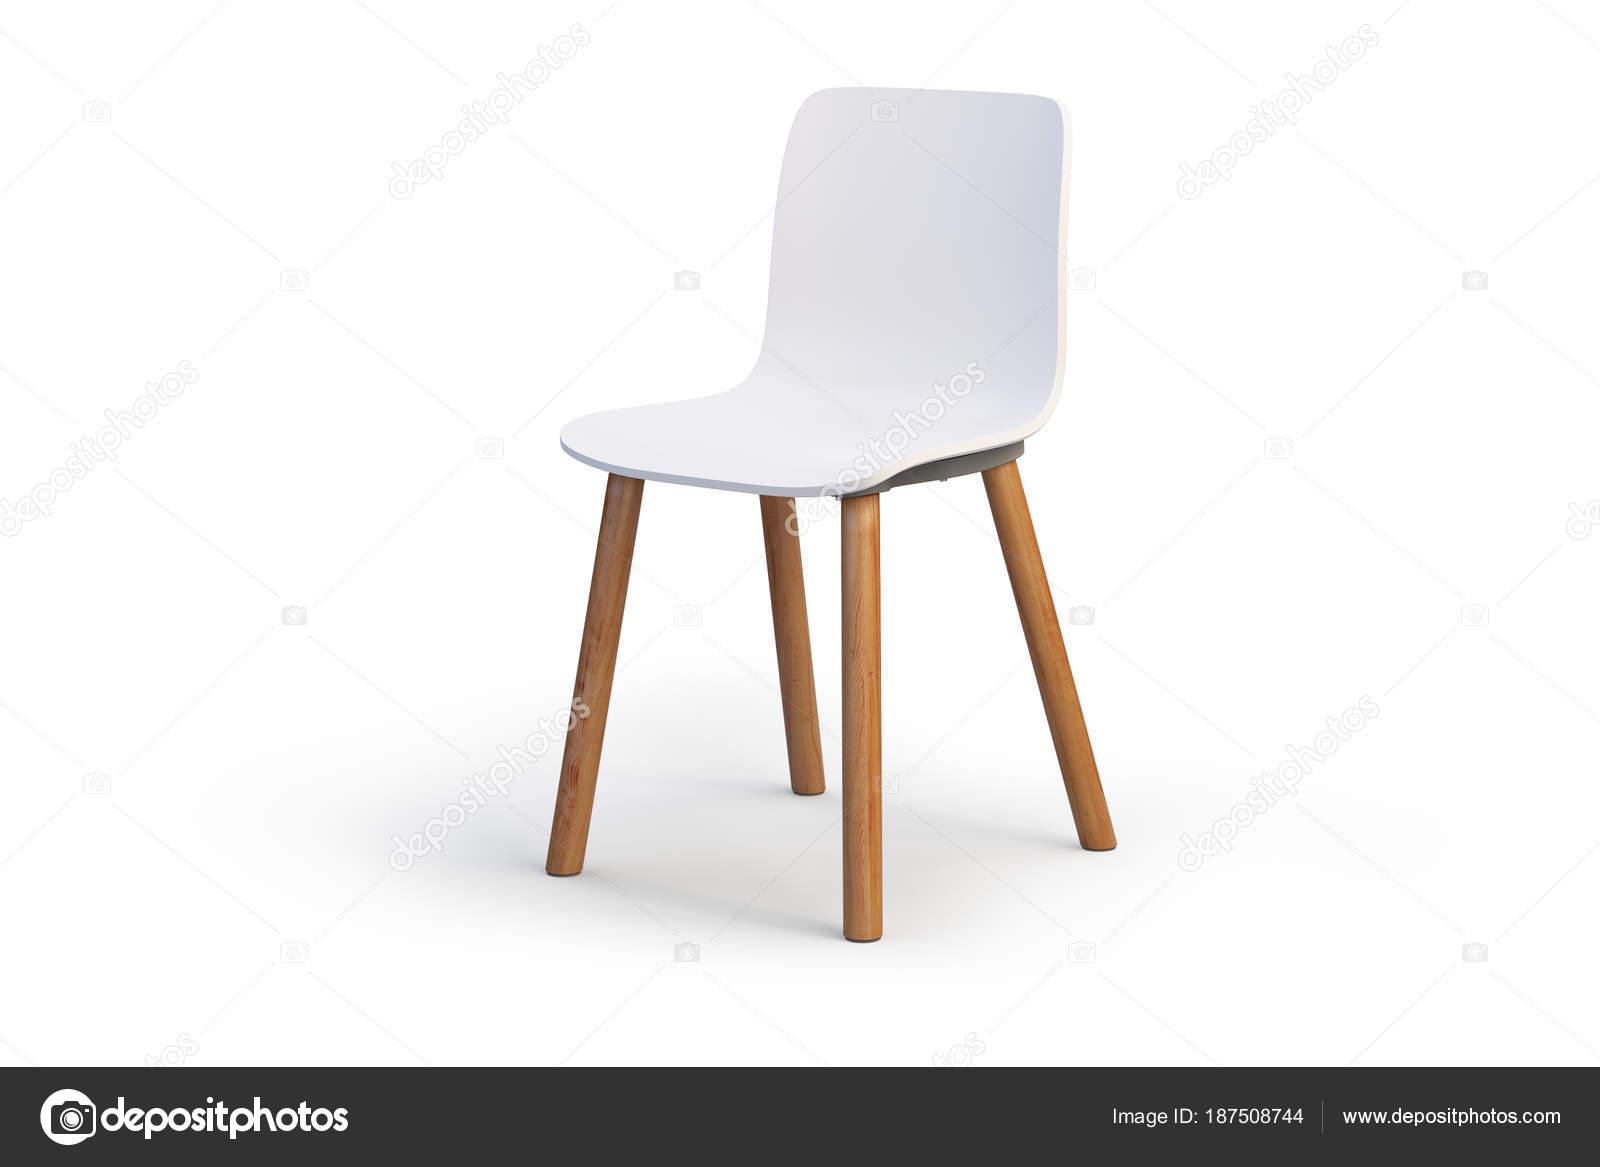 Moderne witte stoel houten base d render u stockfoto dmitruk